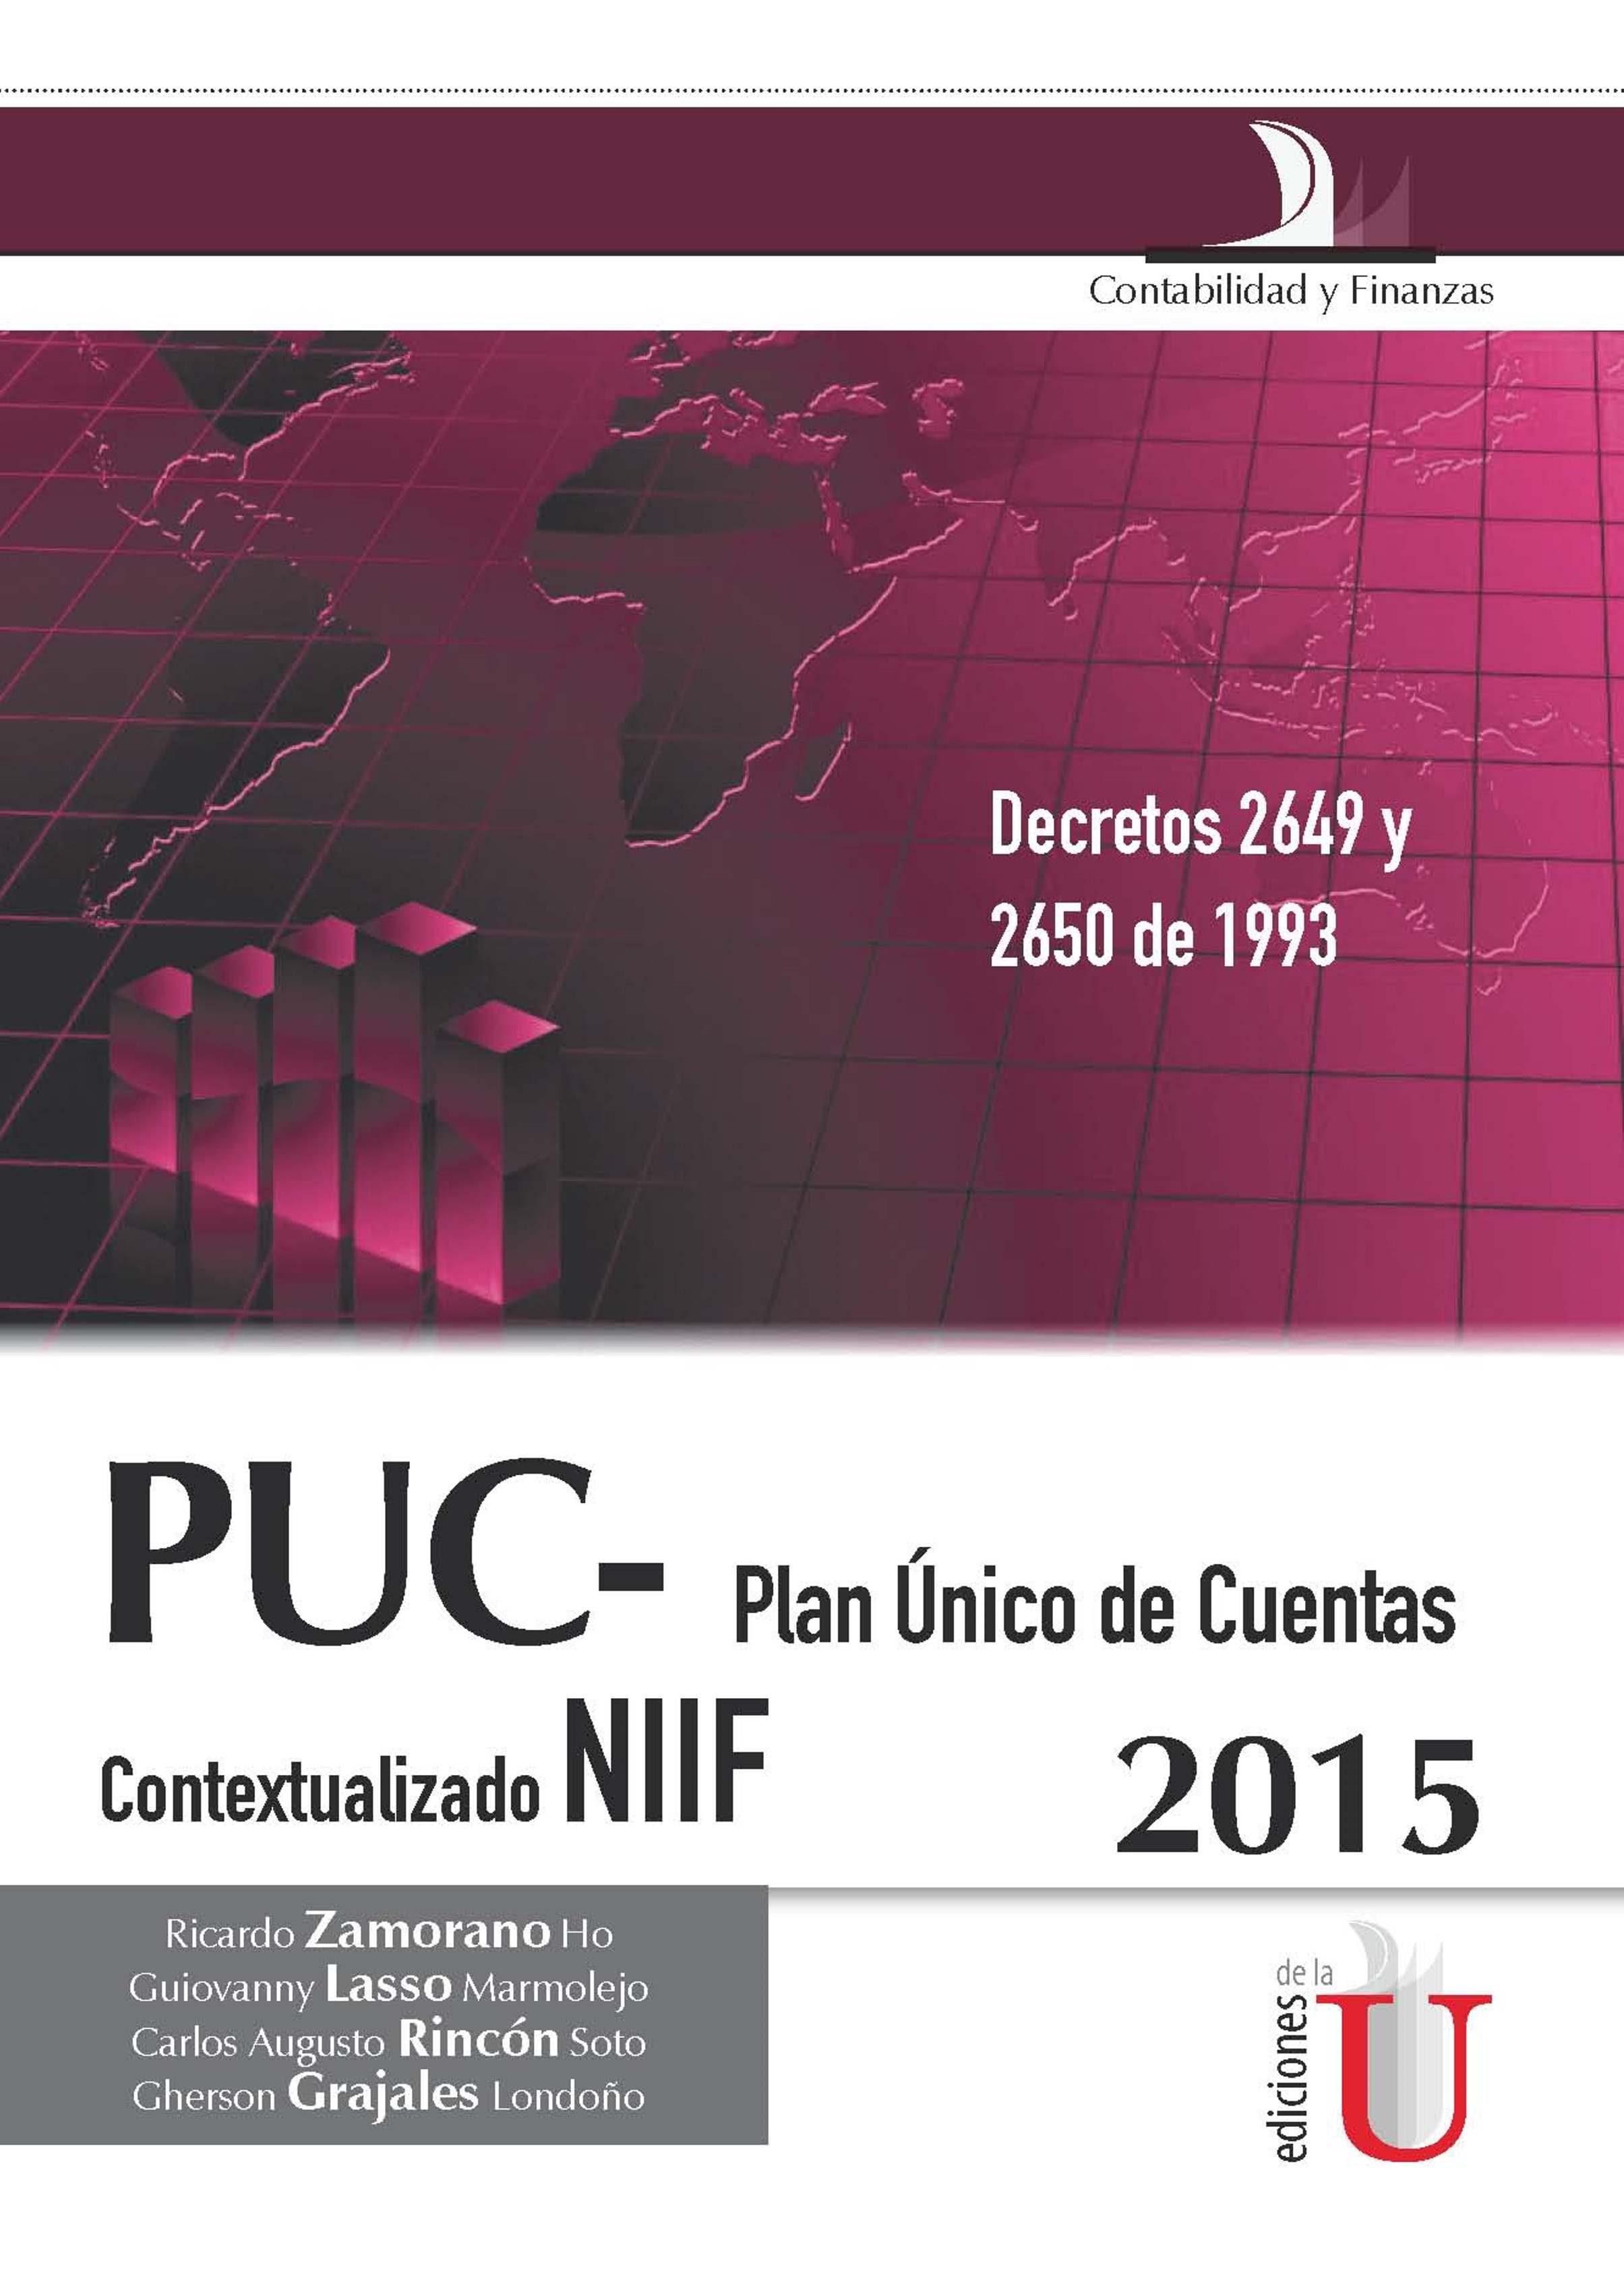 PUC PLAN ÚNICO DE CUENTAS EBOOK | RICARDO ZAMORANO HO | Descargar ...